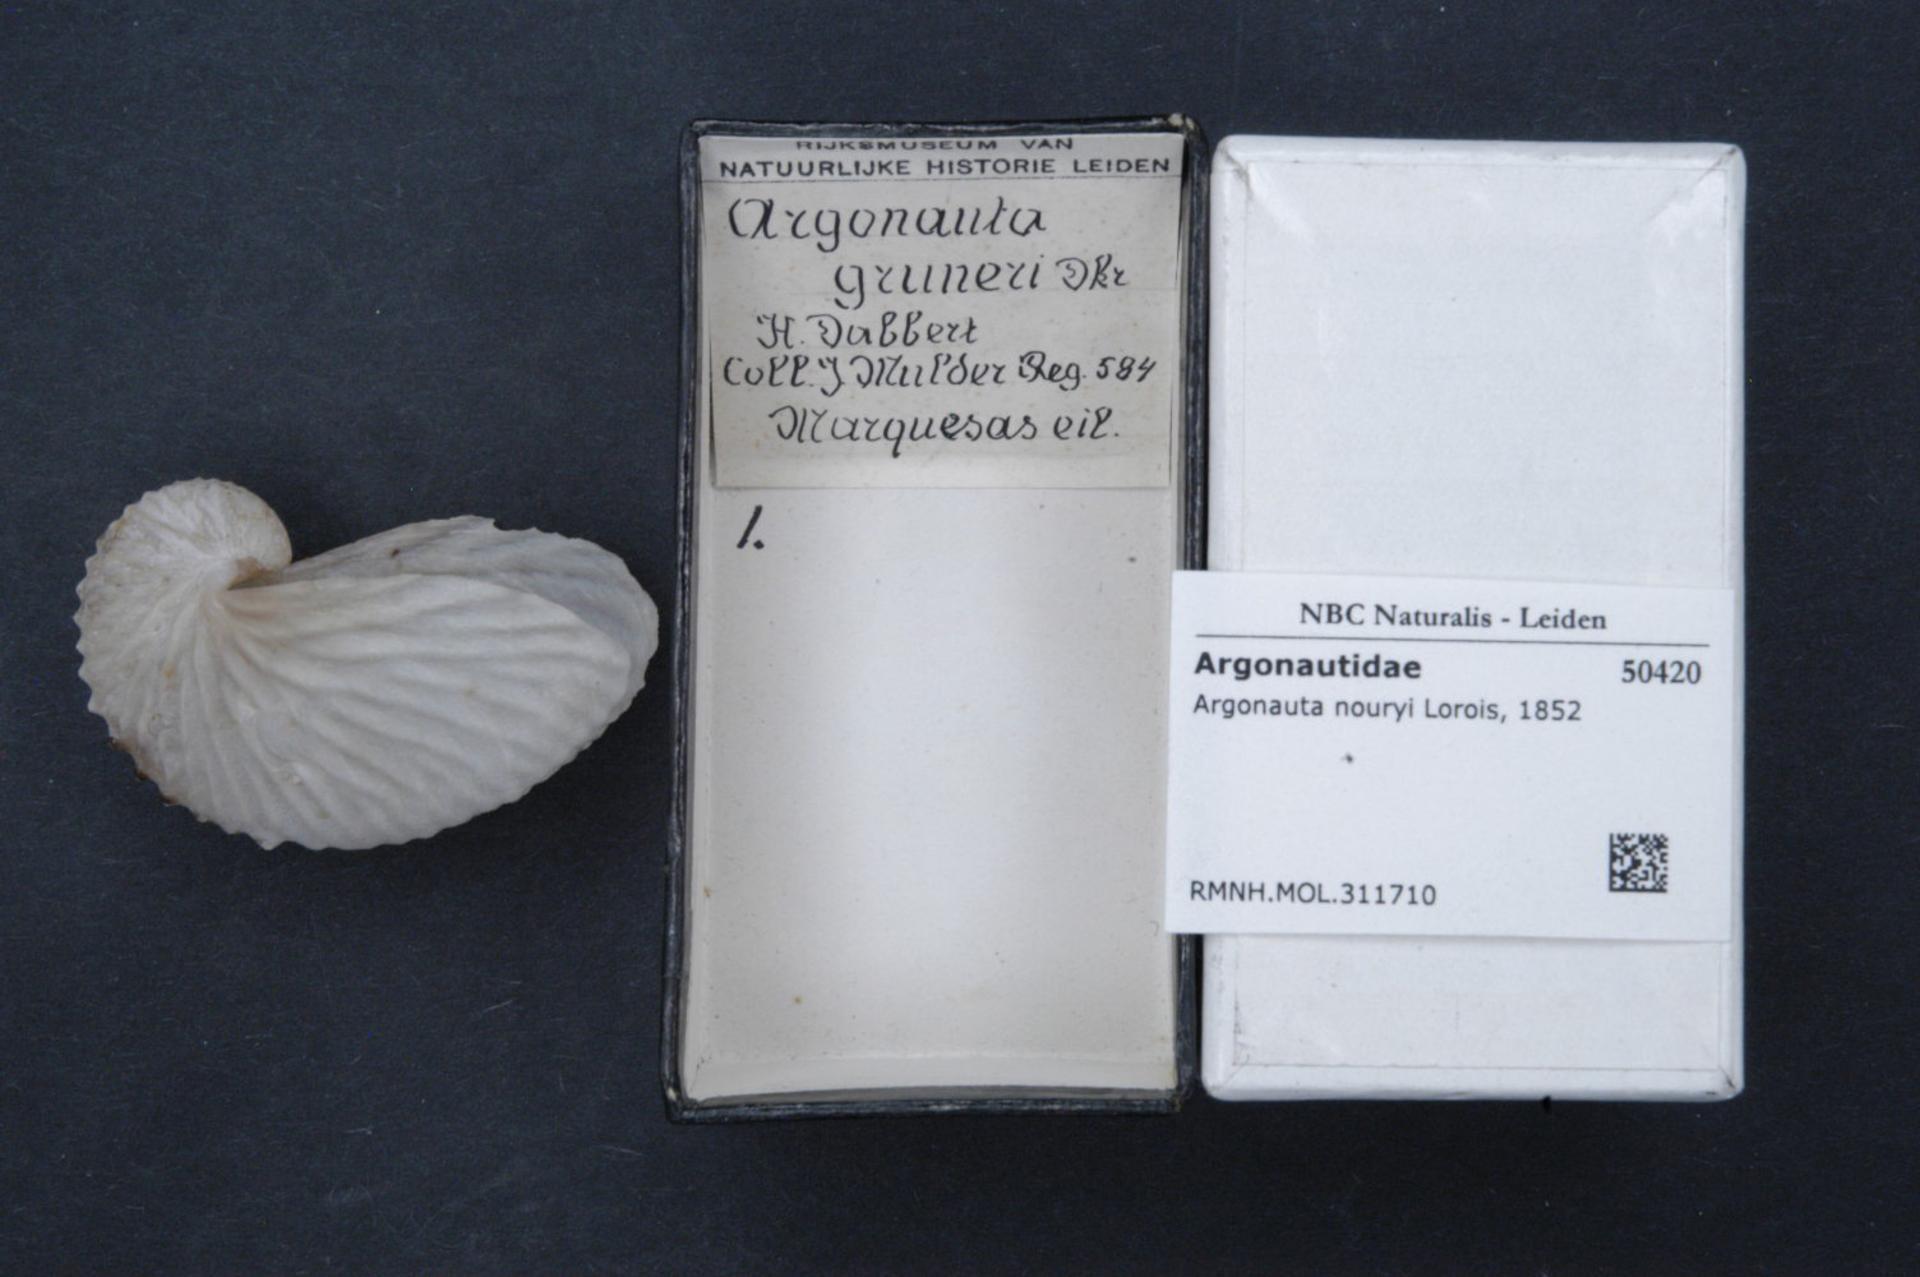 Image of rough-keeled argonaut